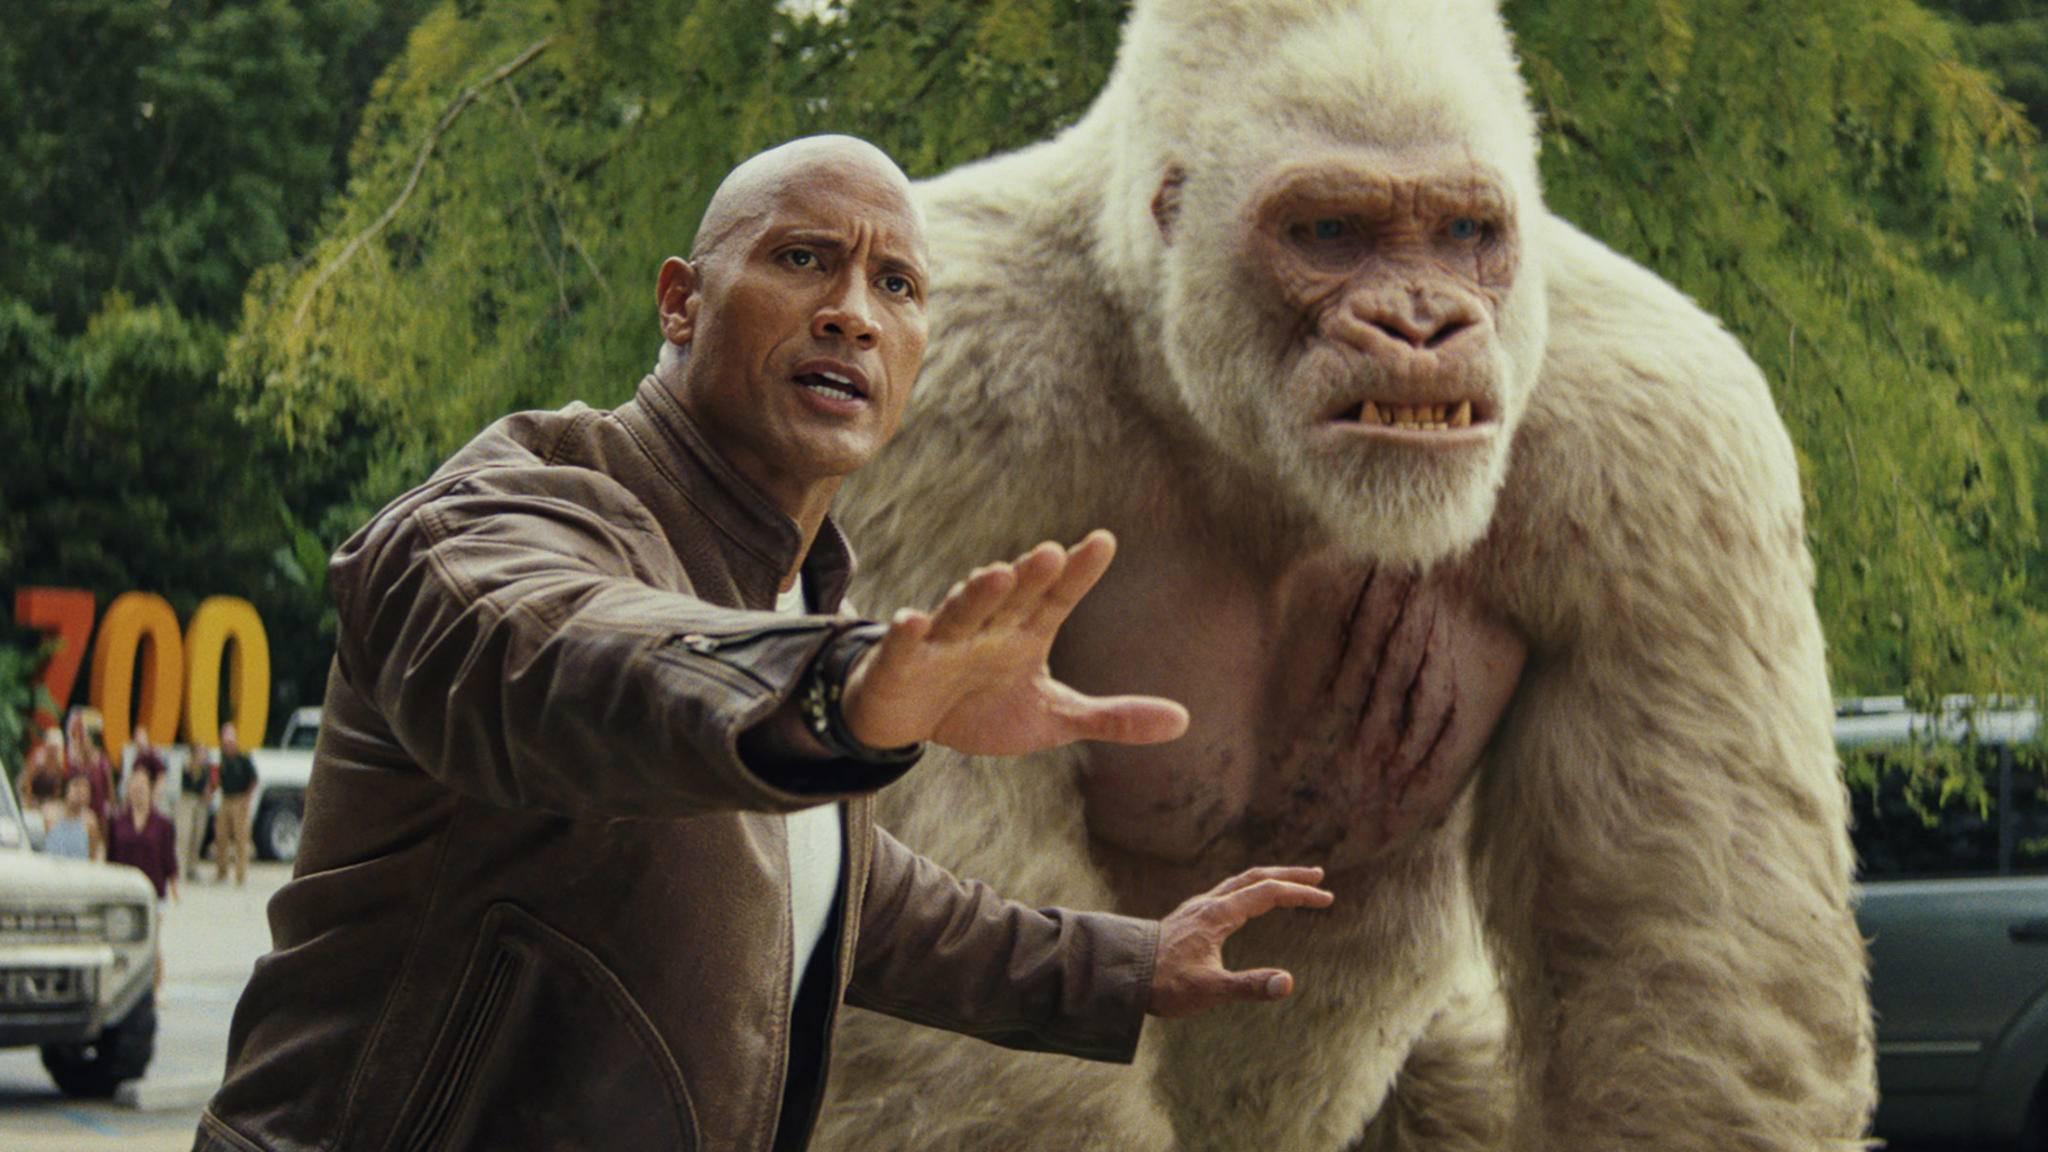 Ähnlichkeiten zwischen Dwayne Johnson und Gorilla George sind durchaus beabsichtigt.